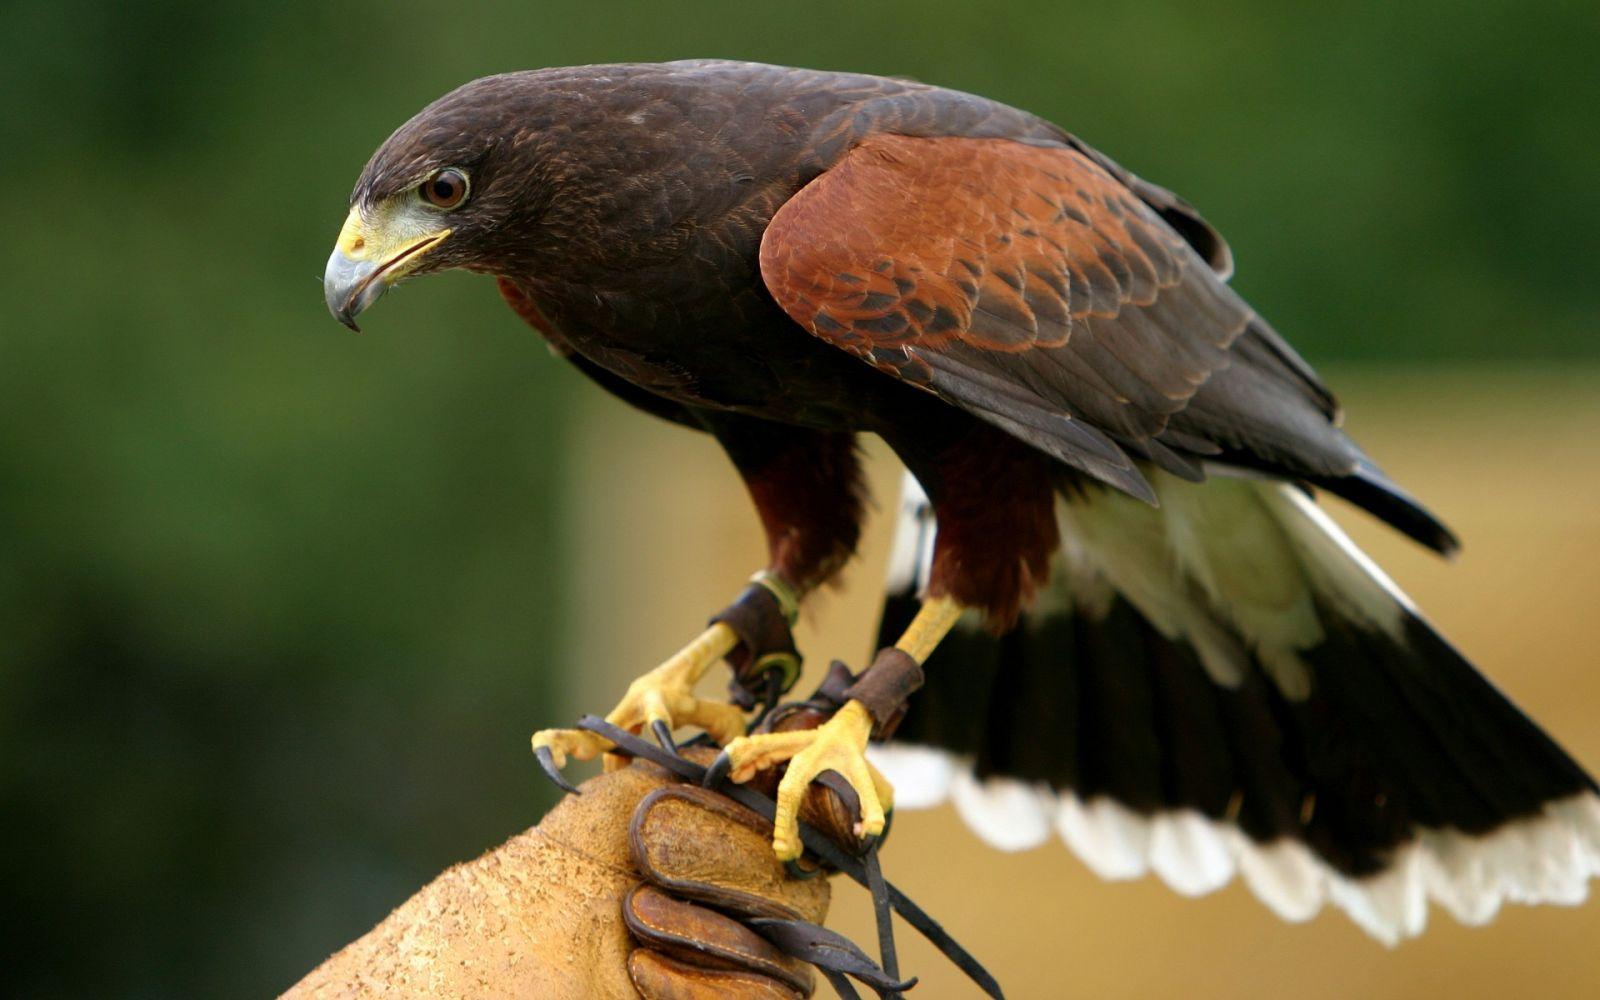 Экзотические животные в доме: птицы - фото №2